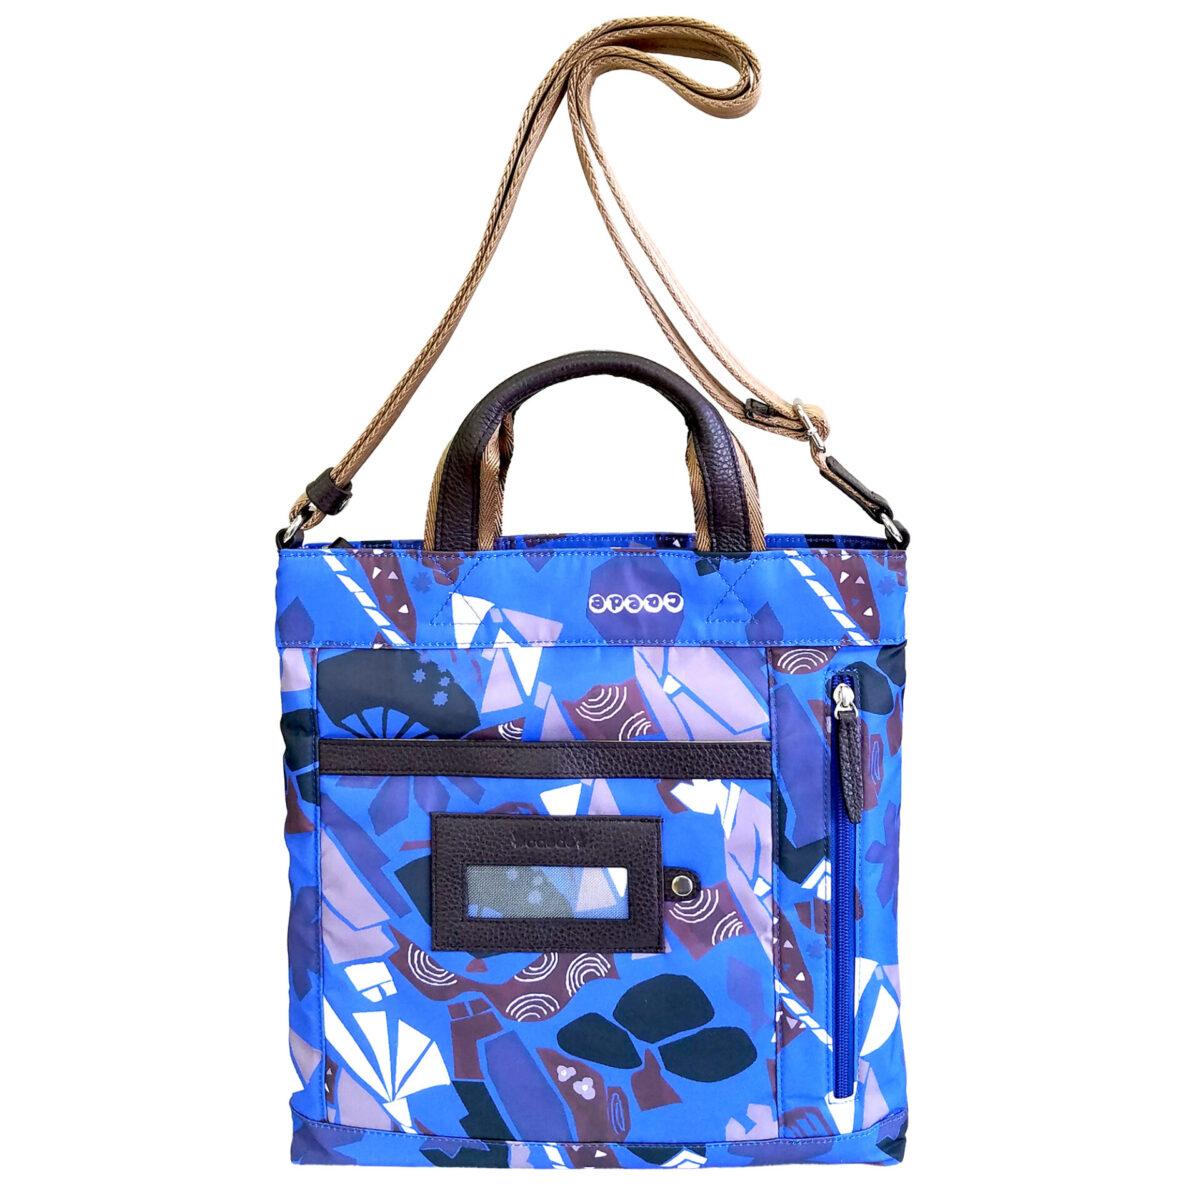 Maiko Puzzle Etna shoulder blue